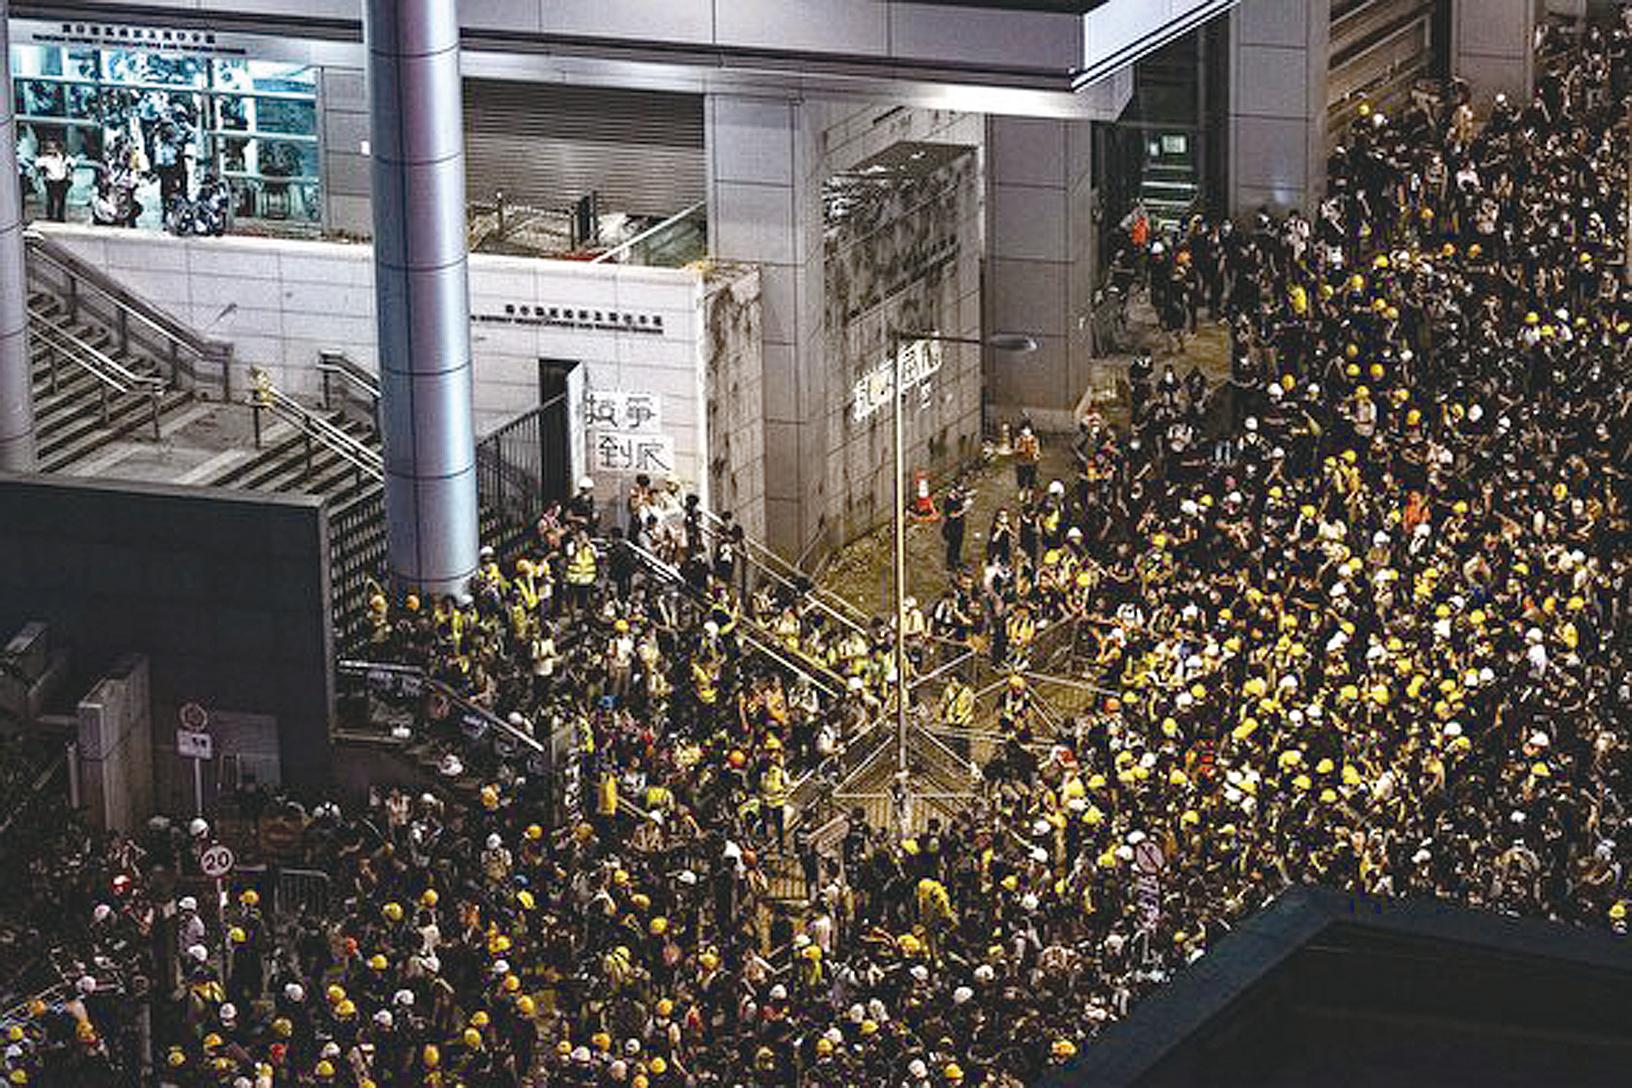 由於港府未回應學生4點訴求,大專學界宣佈,21日上午7時在金鐘海富橋,發起包圍政府總部、和平表達訴求的不合作運動。圖為入夜後,警察總部外聚集的大批示威者。(PHILIP FONG/AFP/Getty Images)